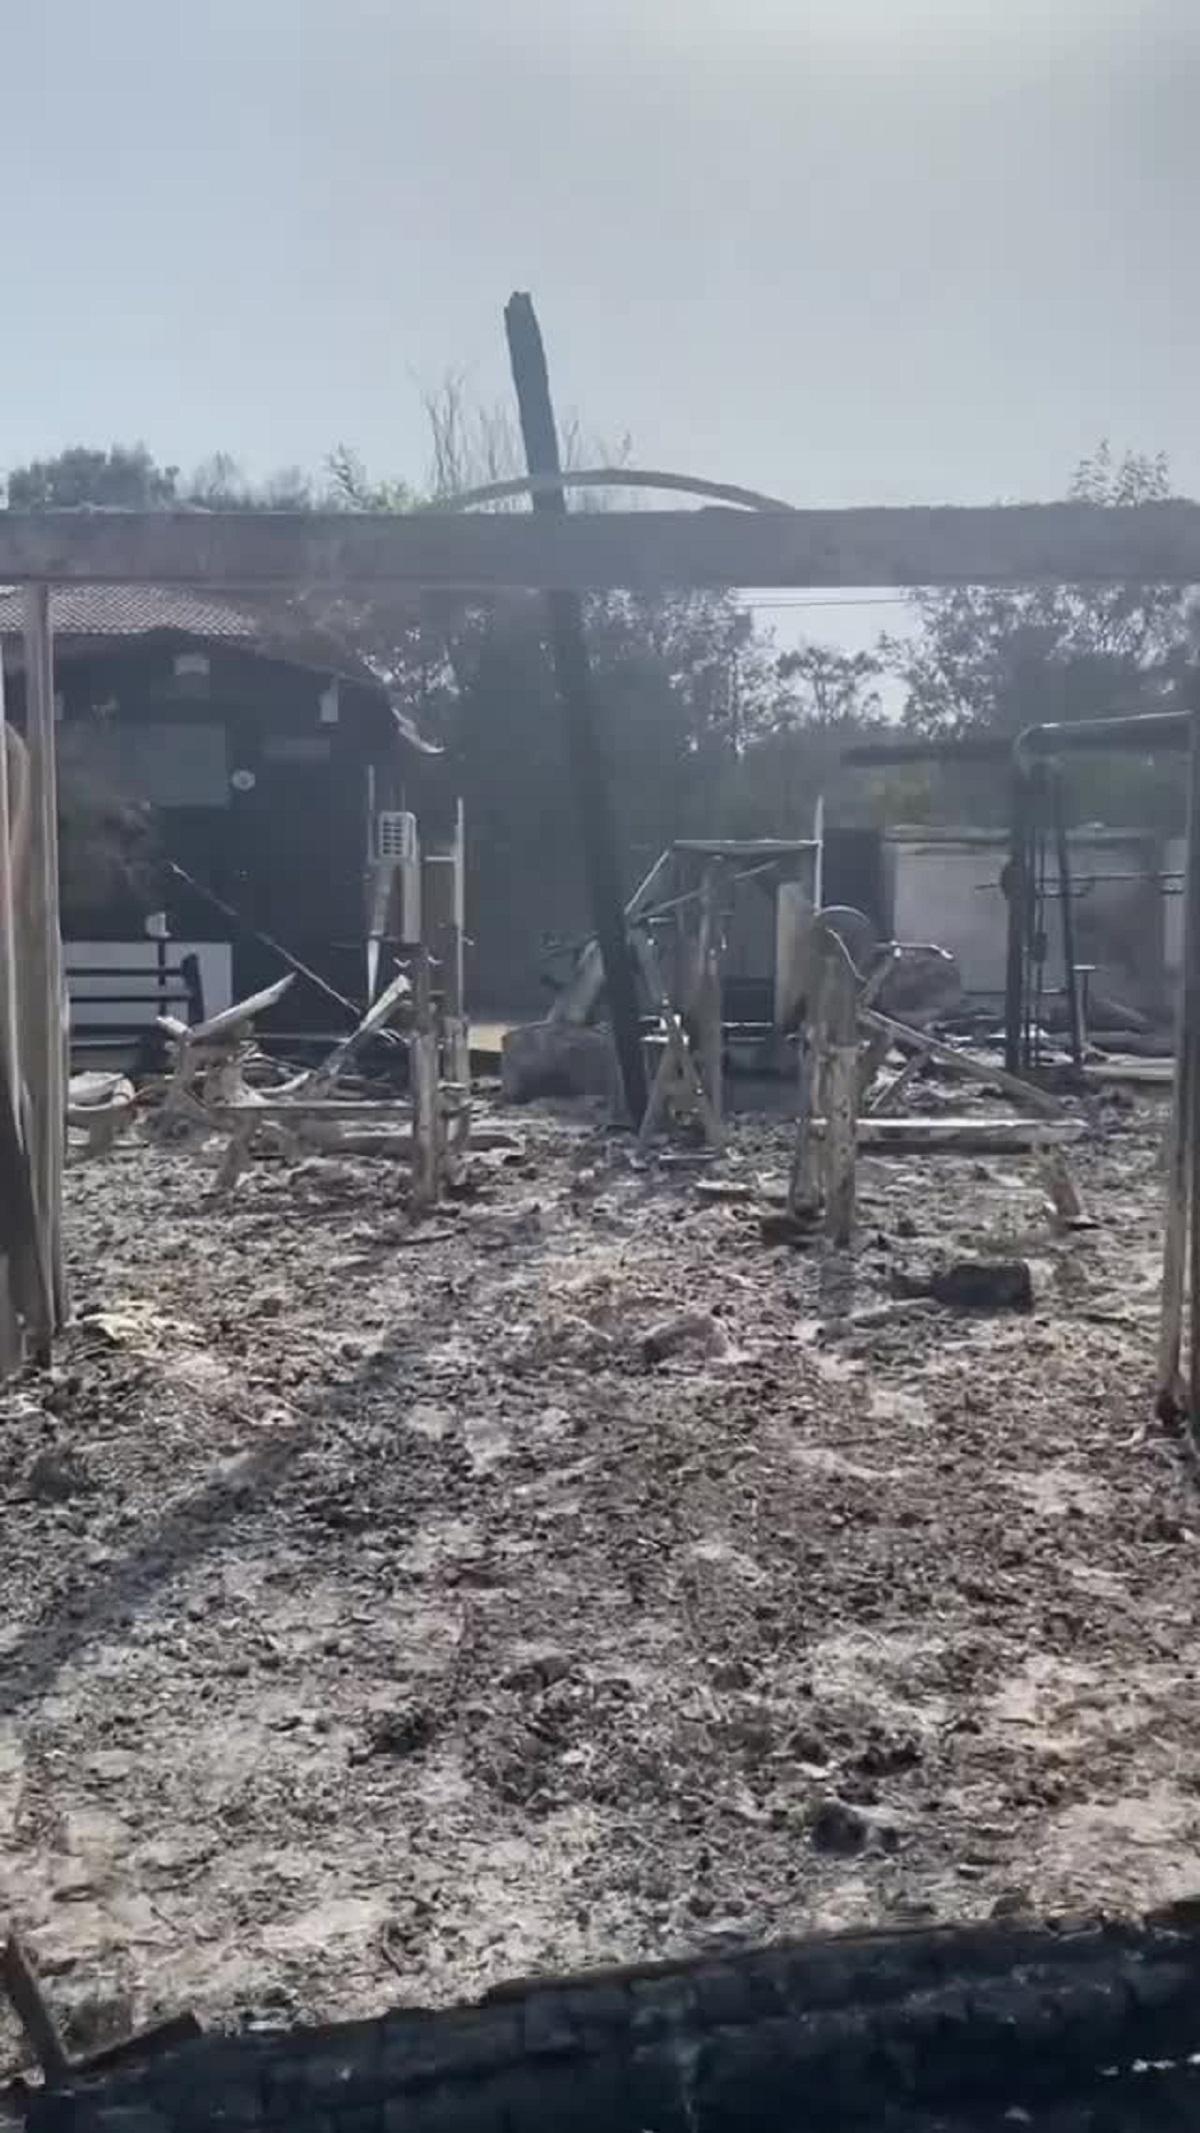 stabilimento balneare distrutto